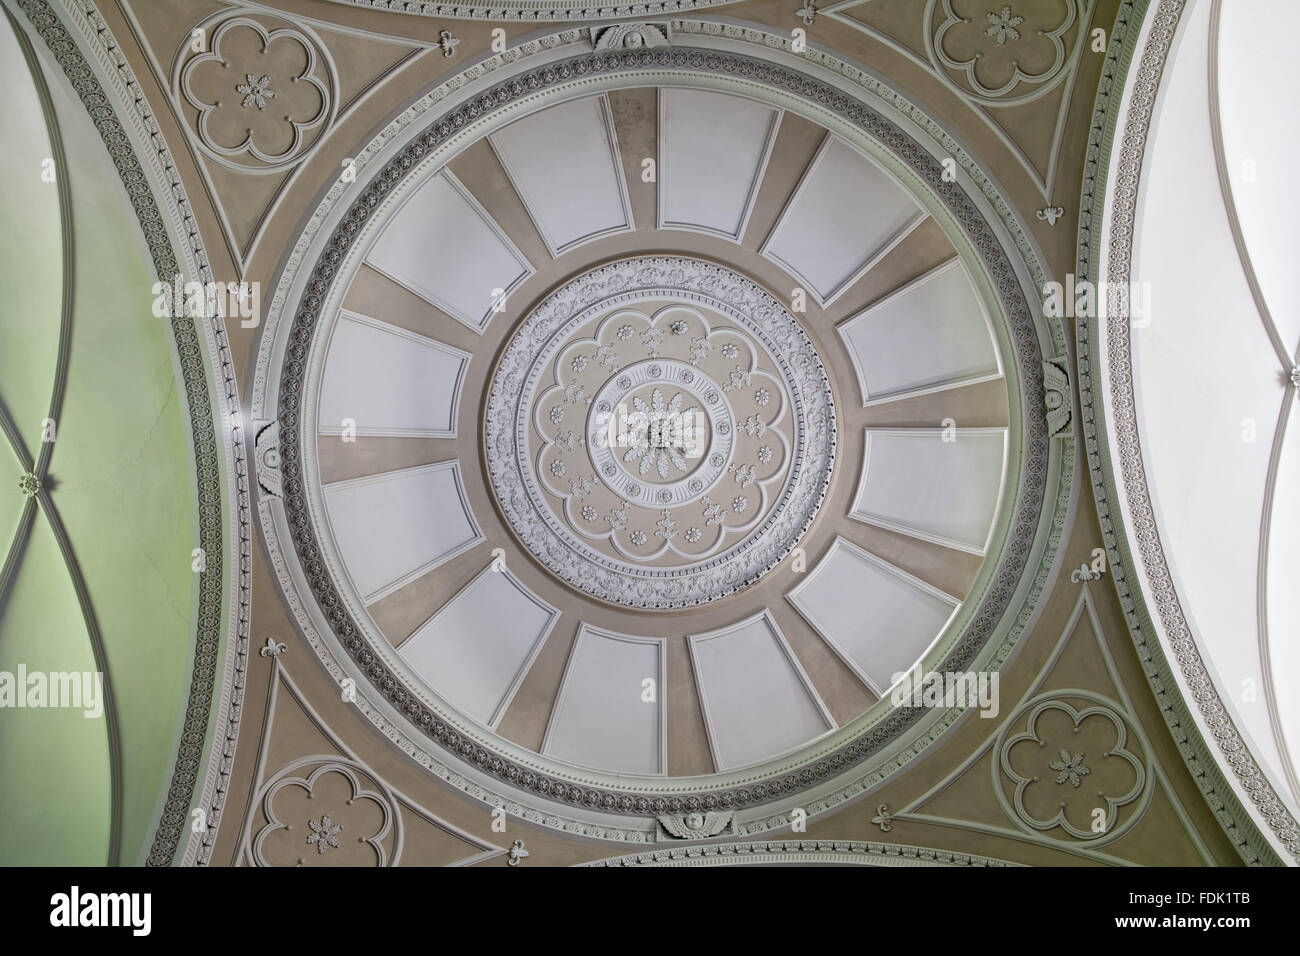 La coupole de la chapelle de Palladio, commencé en 1760 à la conception de James Paine, à The Green Lawns, Newcastle upon Tyne. L'intérieur n'a été achevé qu'en 1812. Banque D'Images